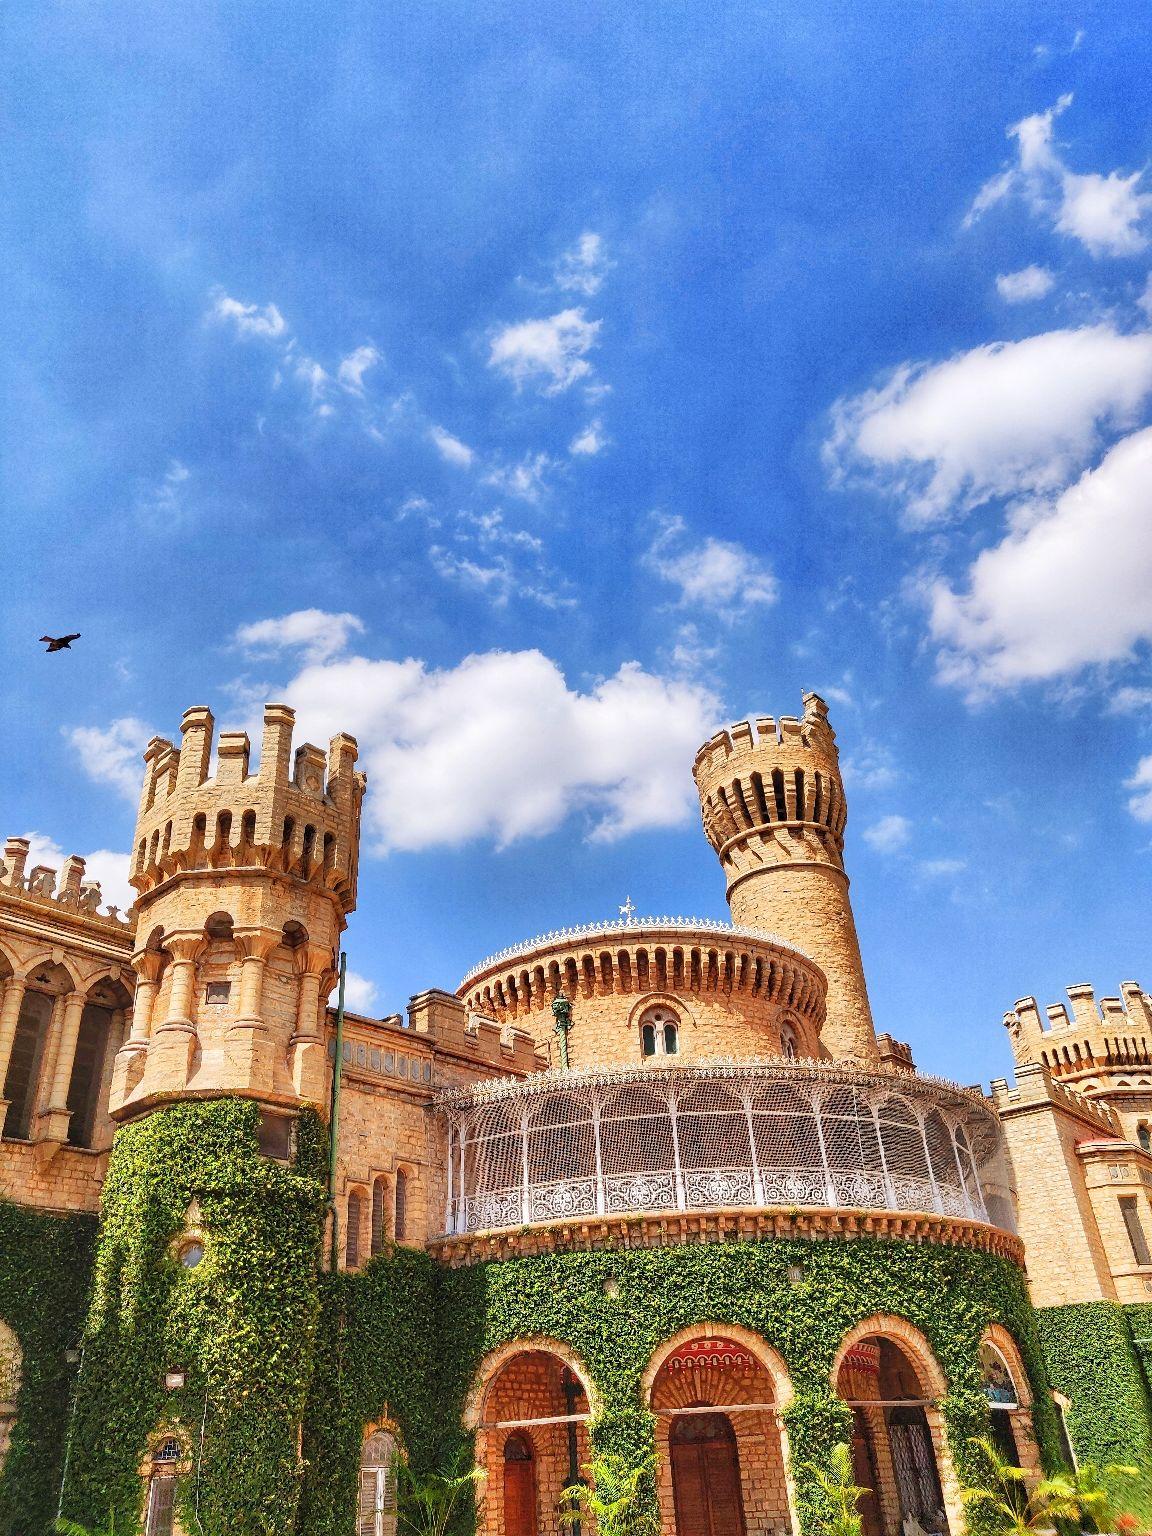 Photo of Bangalore Palace By akshay ingawale